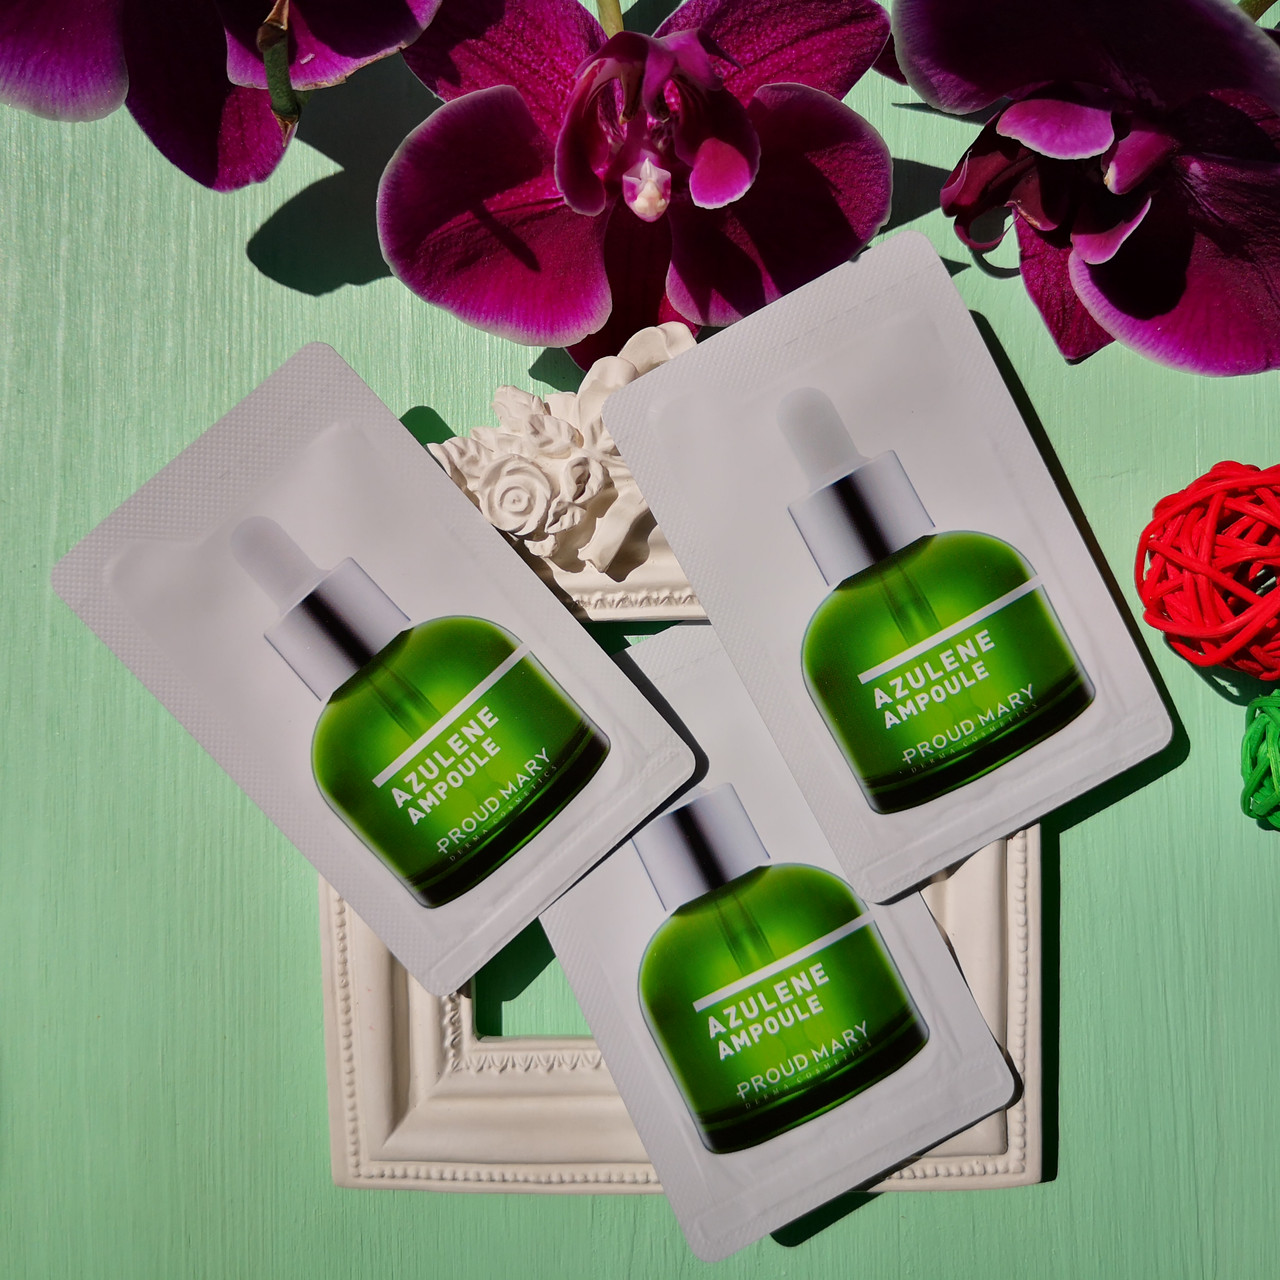 Proud Mary сыворотка с азуленом для чувствительной кожи пробник  Azulene Ampoule